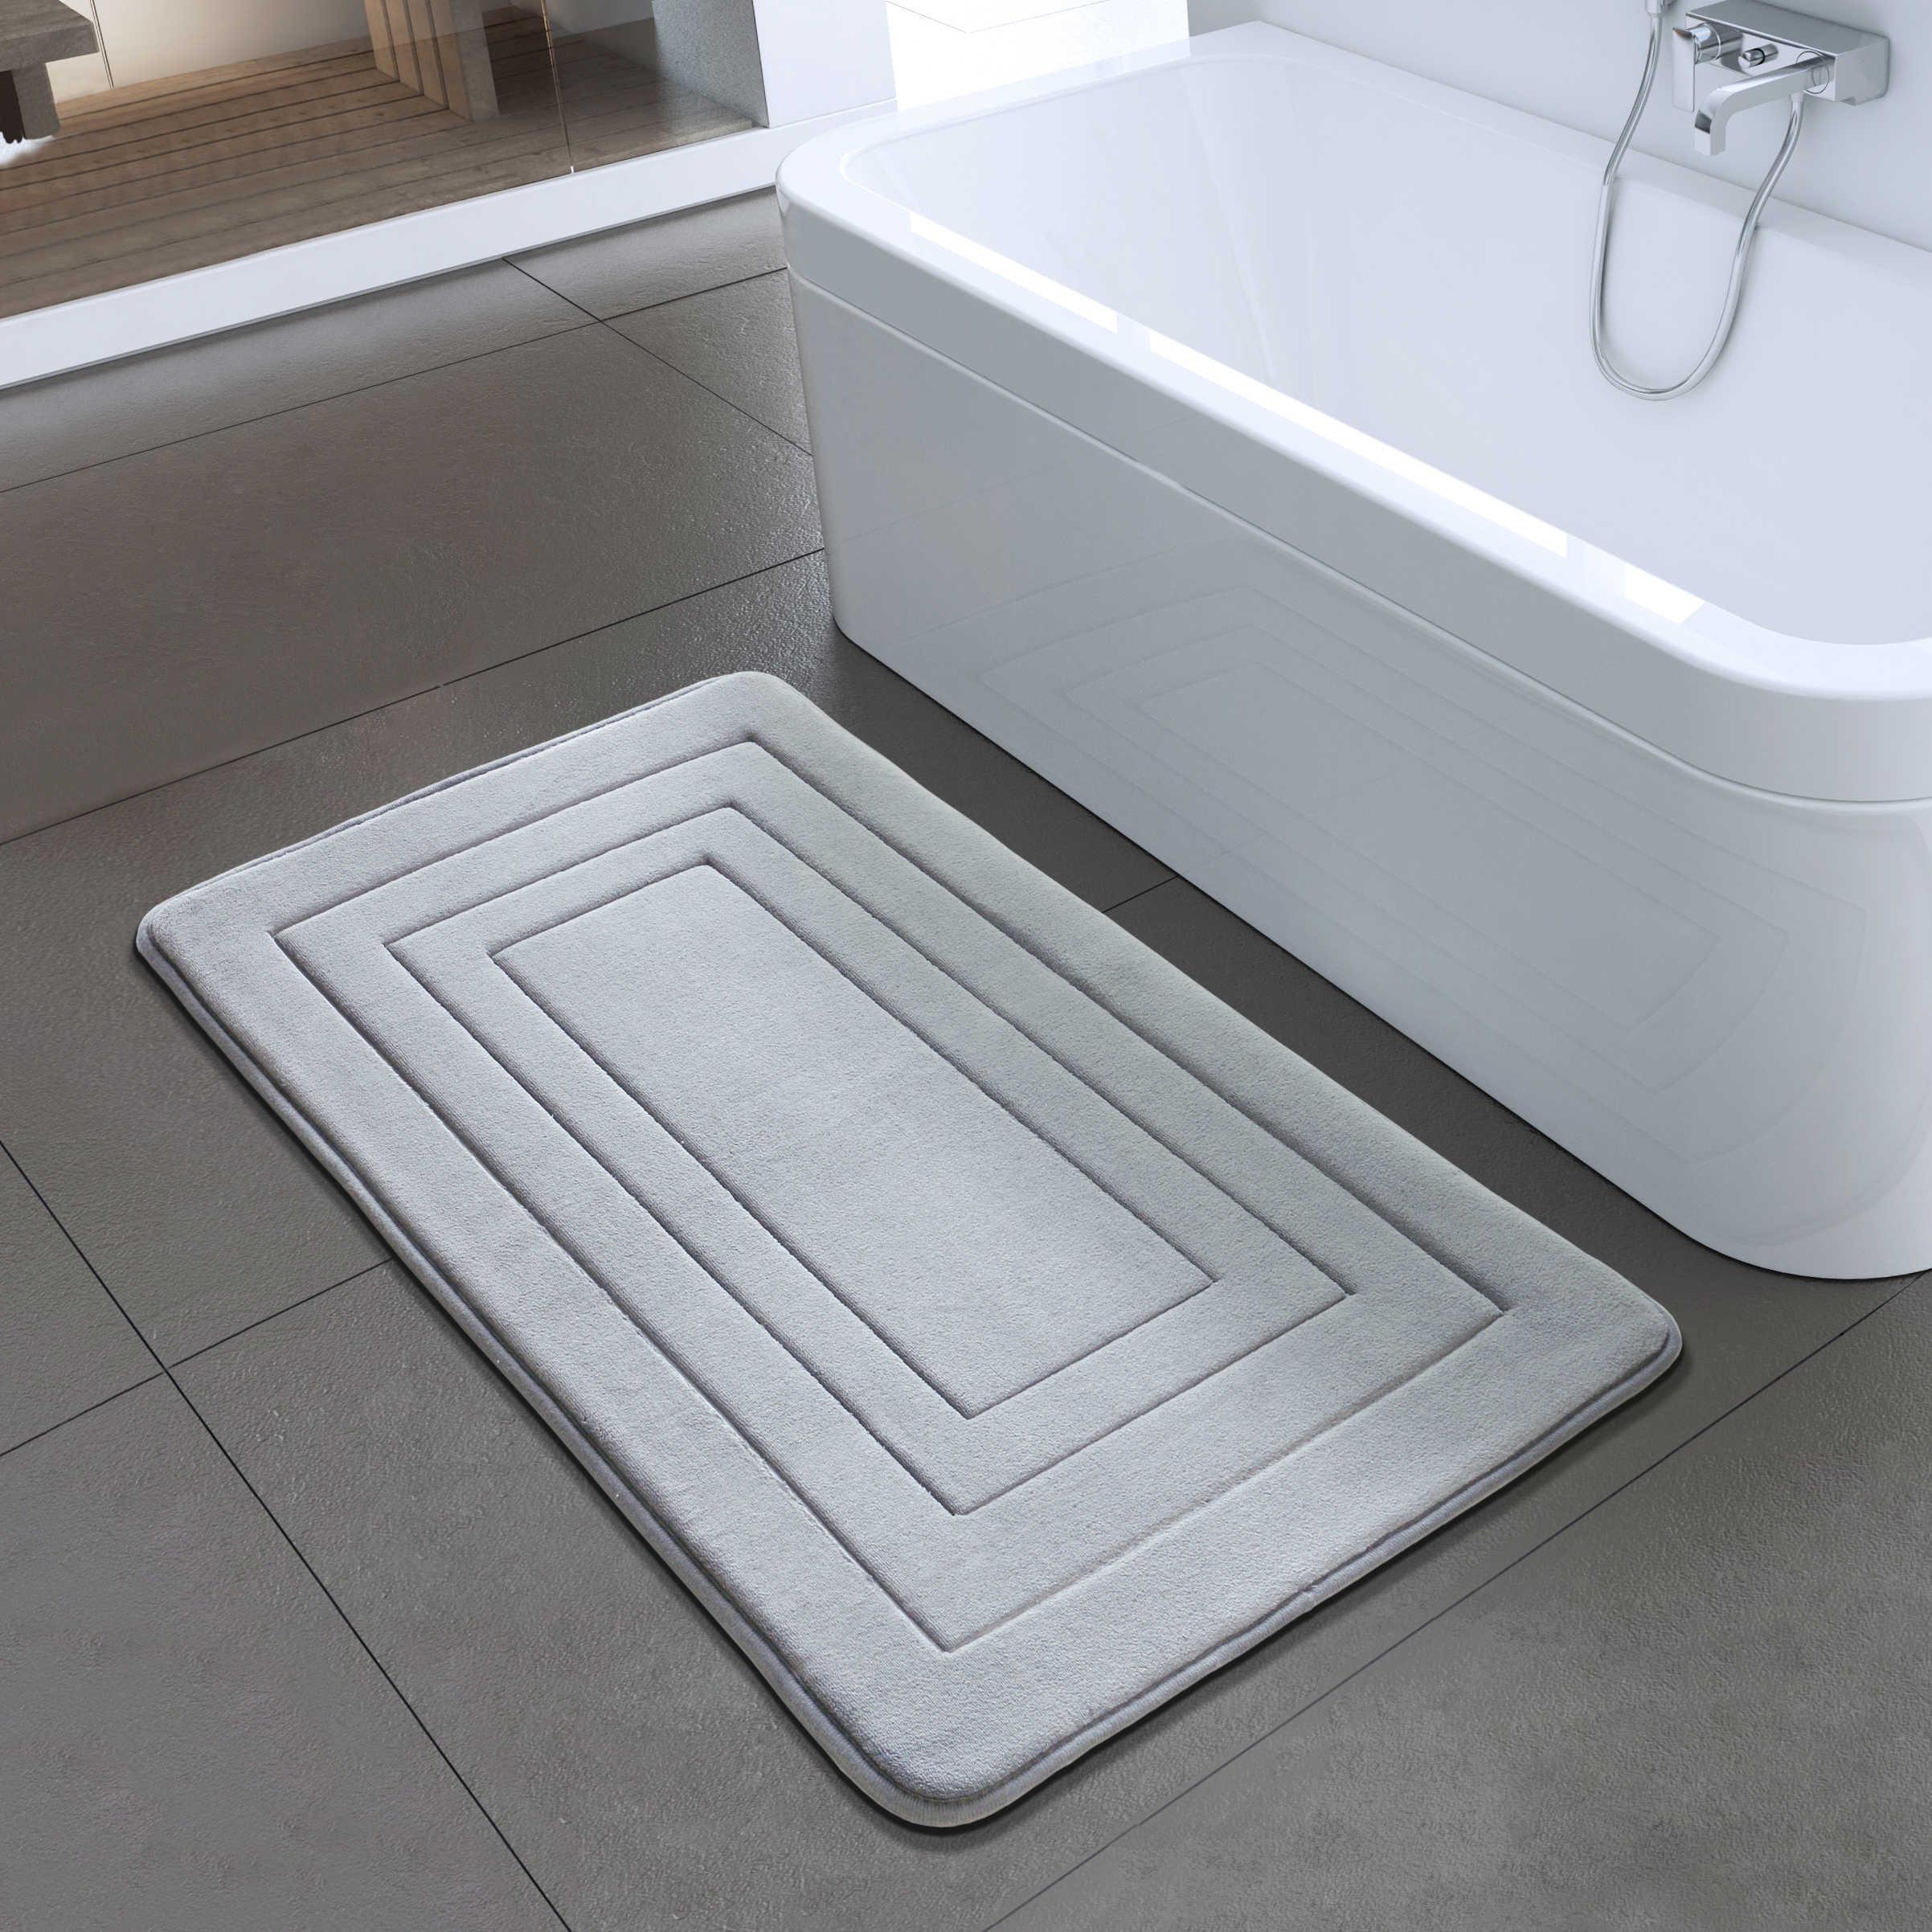 Wysokiej jakości mata do kąpieli łazienka sypialnia antypoślizgowe maty antypoślizgowe dywan dywanik łazienkowy do łazienki kuchnia sypialnia 40x60cm 50x80cm ZA-003